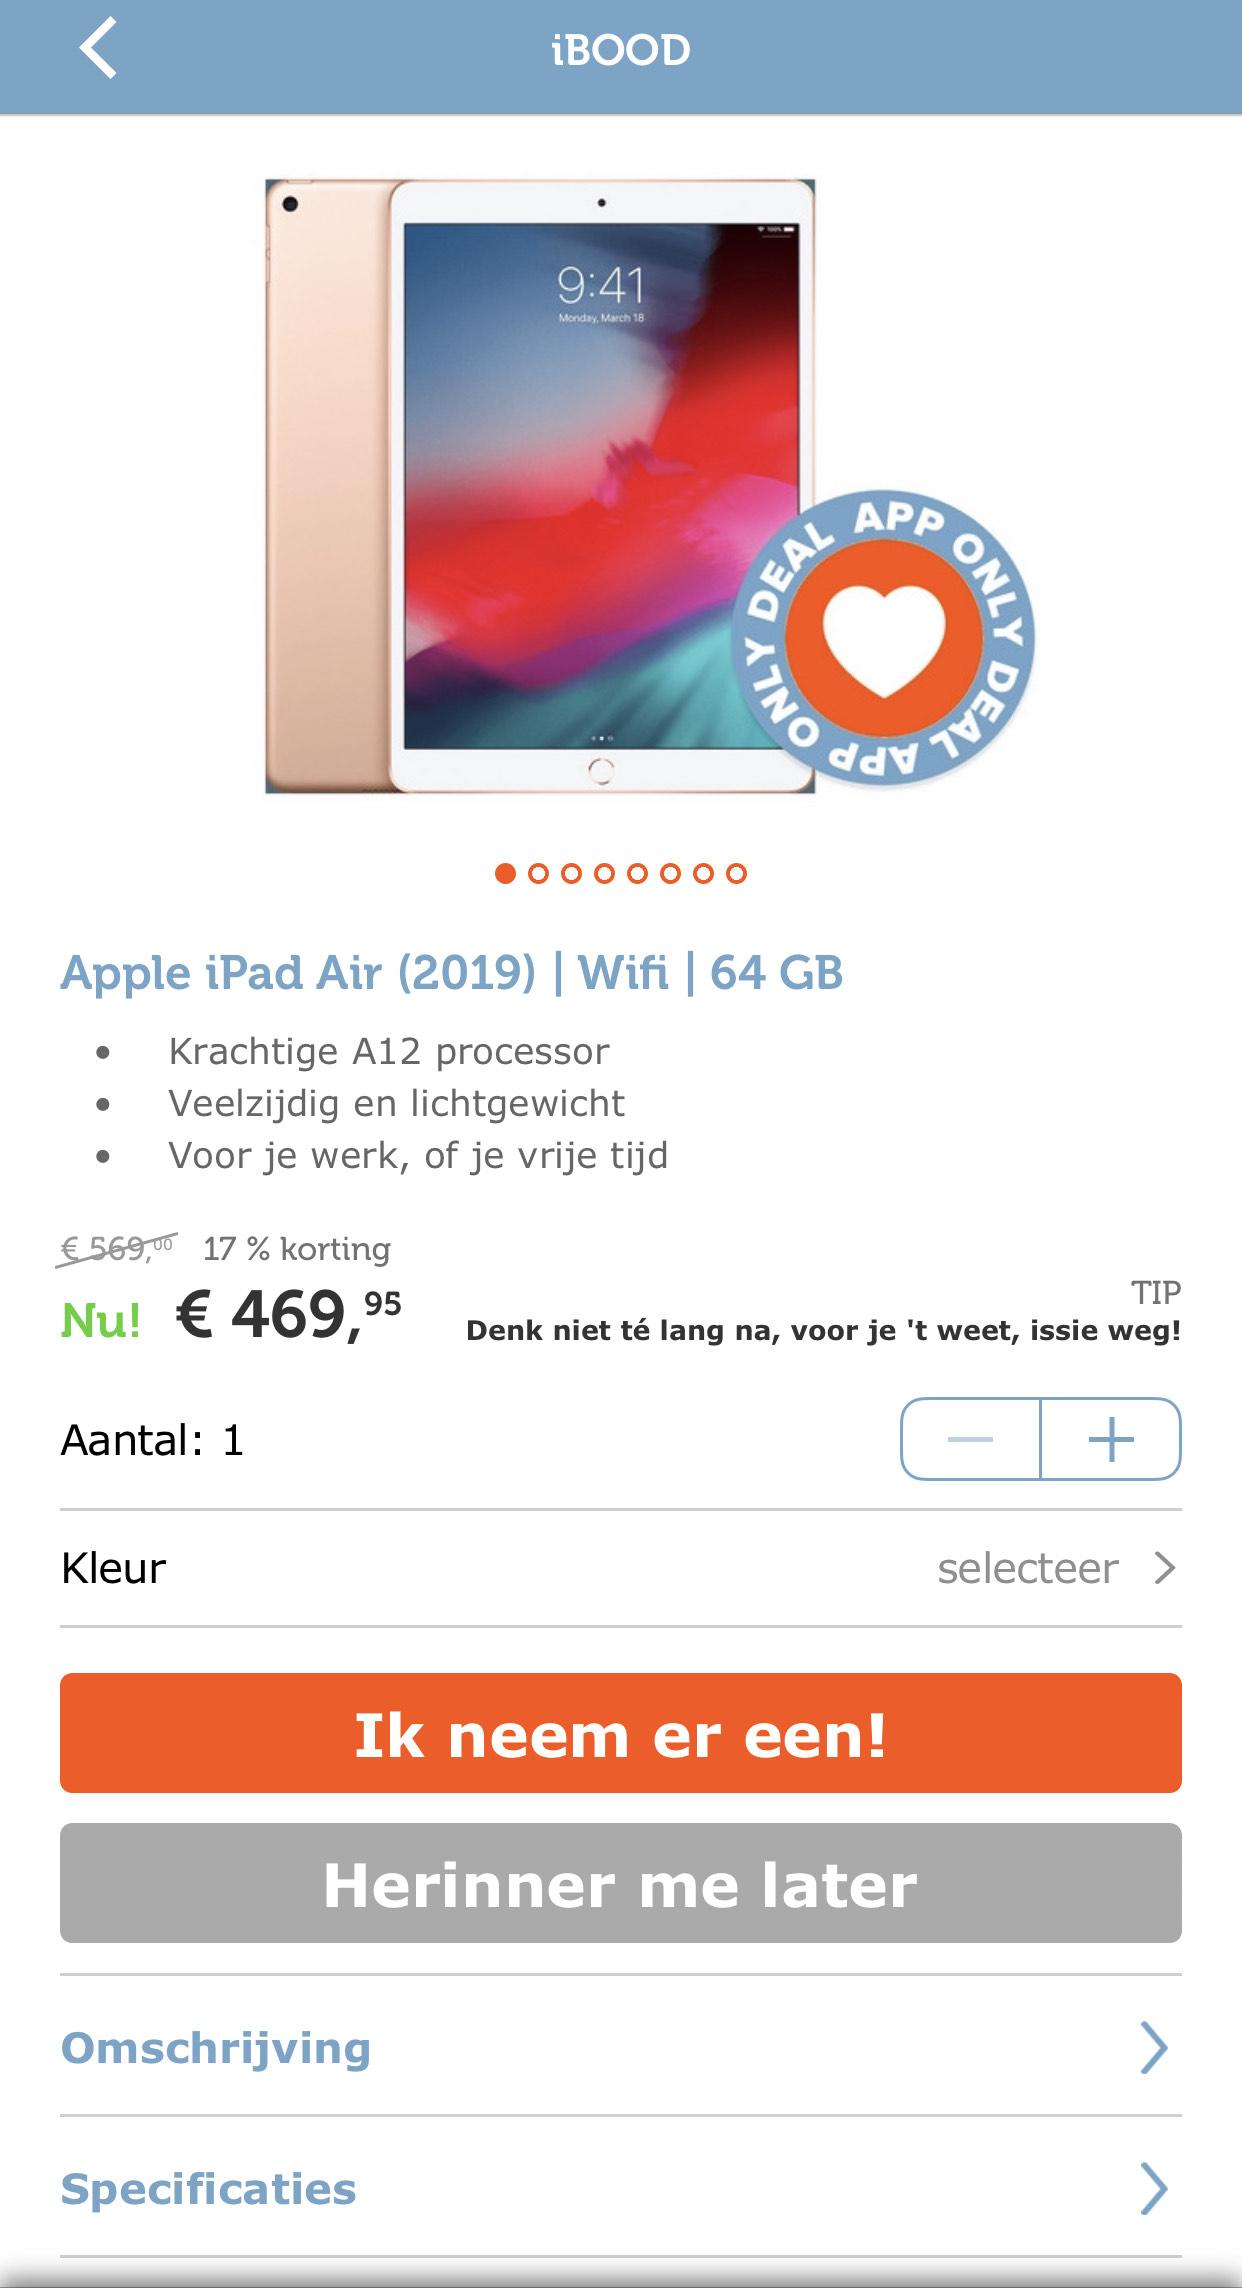 Apple iPad Air (2019) | Wifi | 64 GB (Kleur: Goud) @ iBOOD